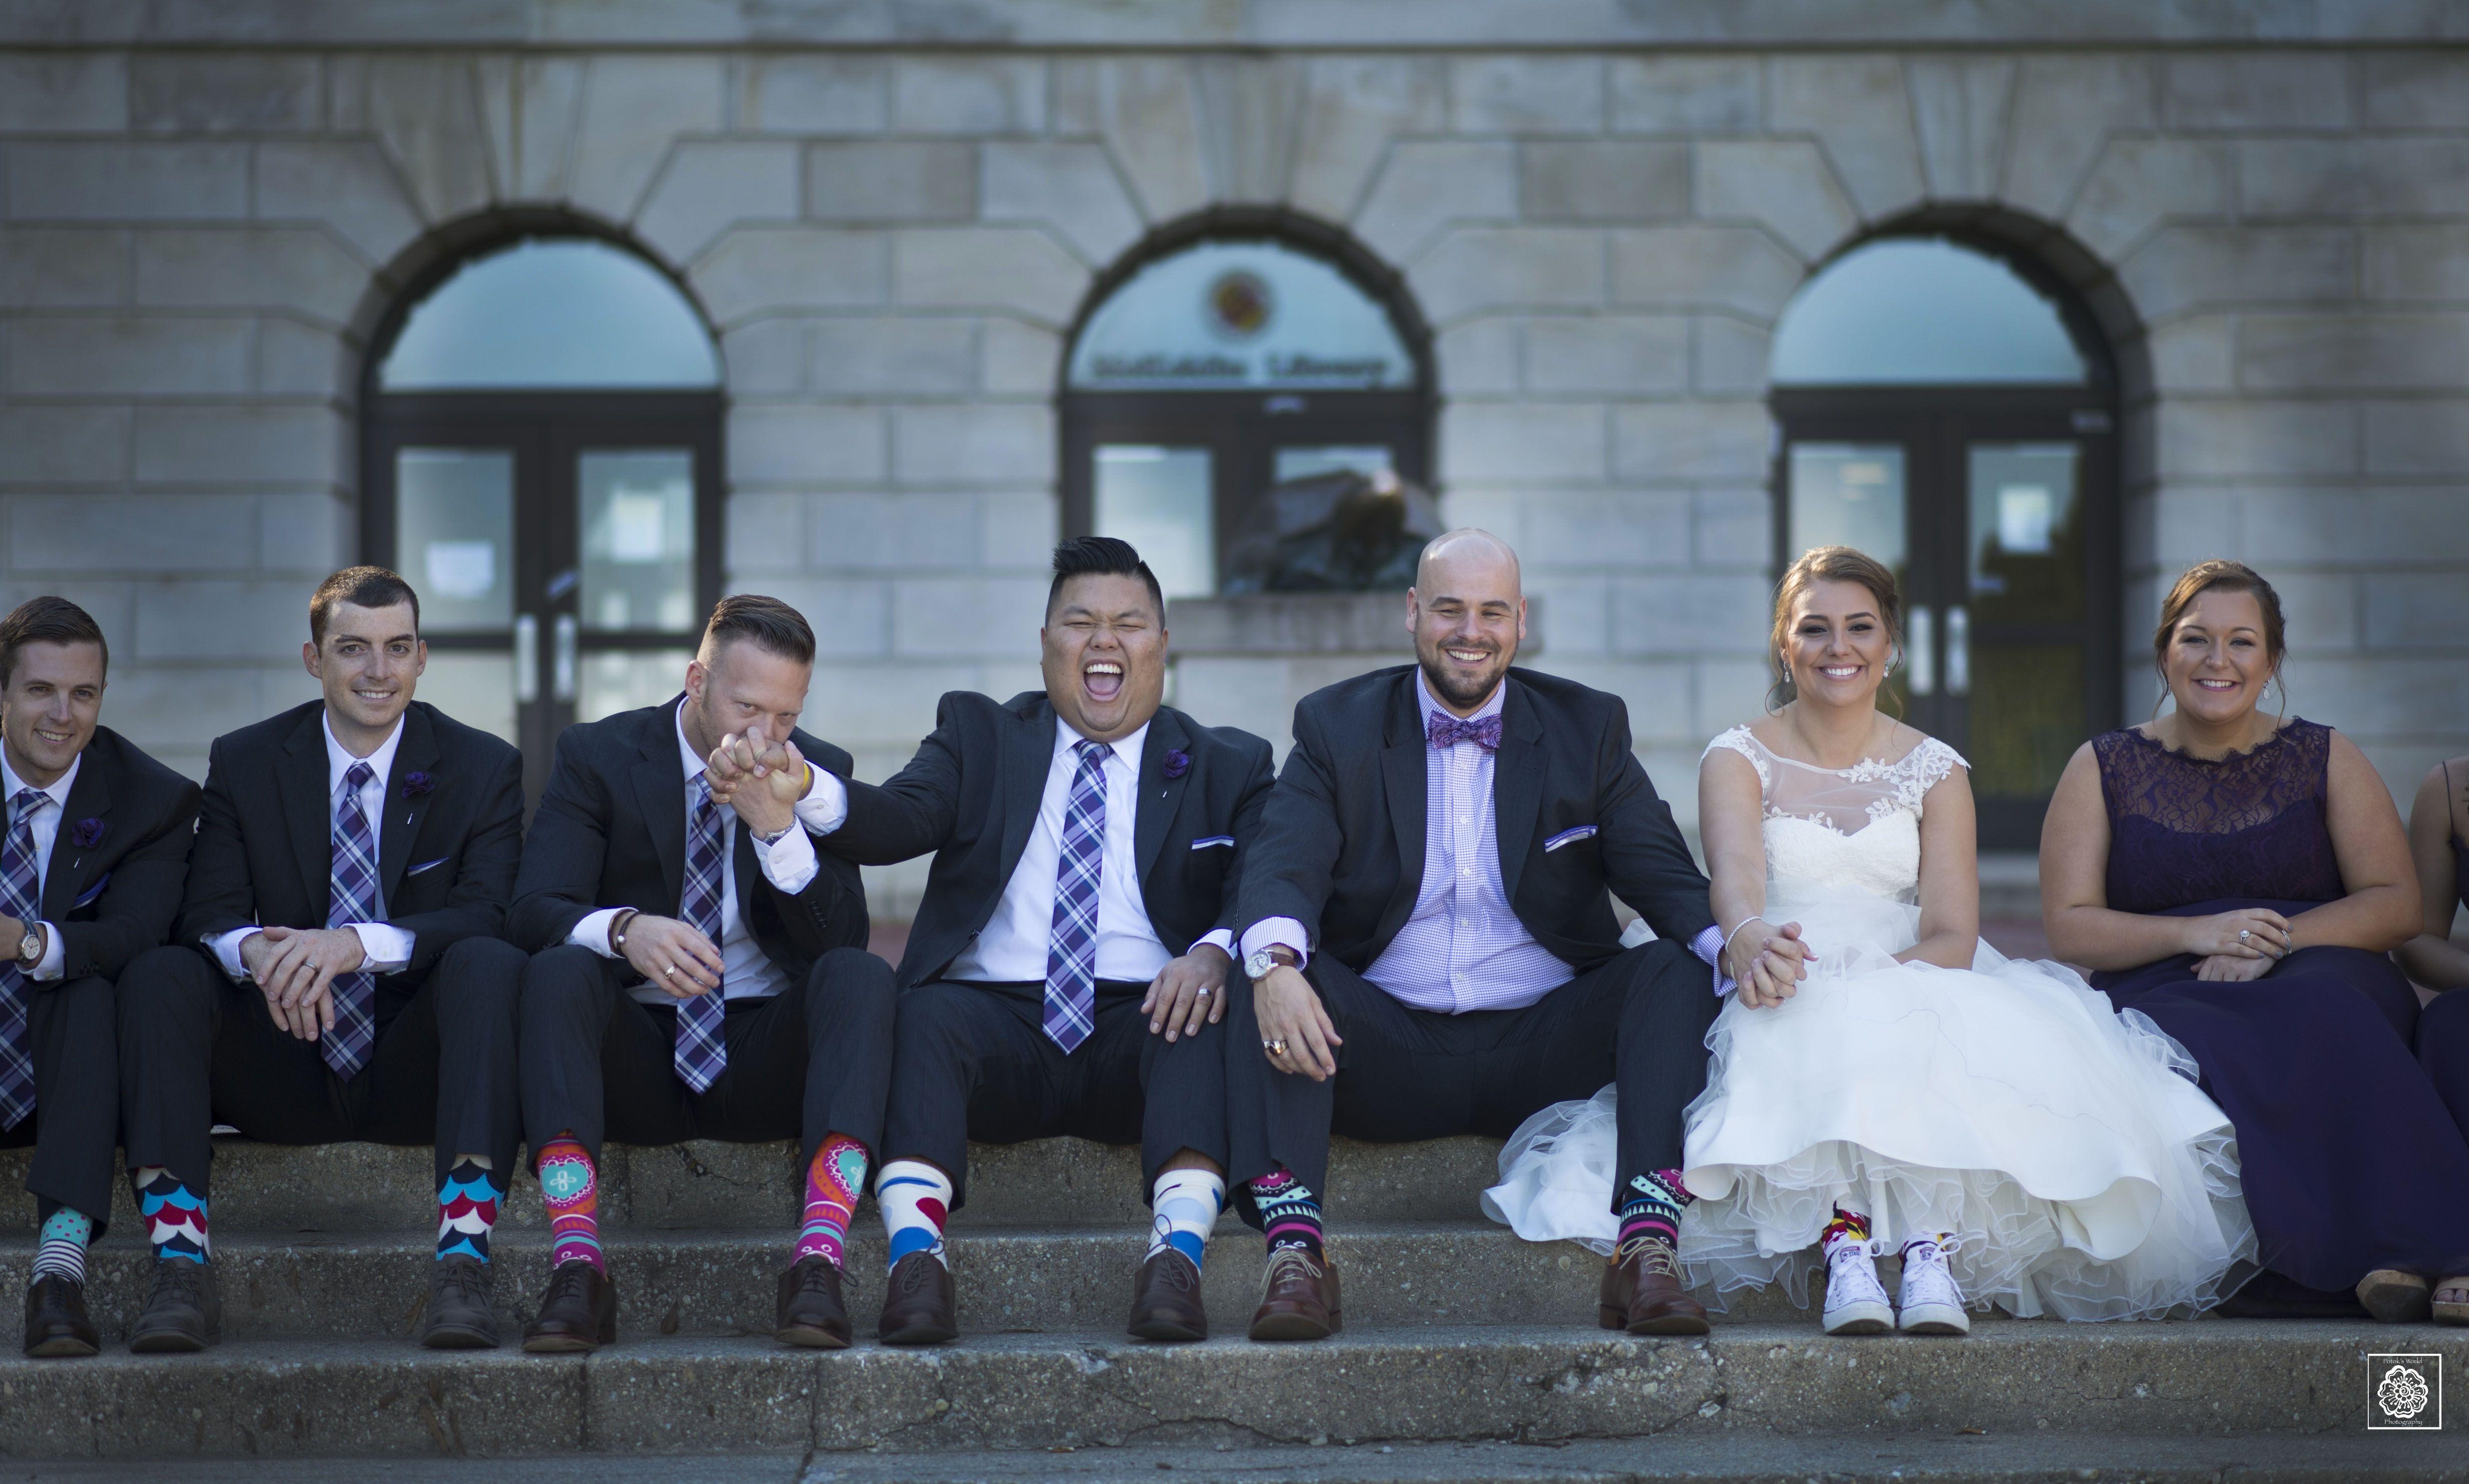 Wedding bridal party portraits maryland university wedding